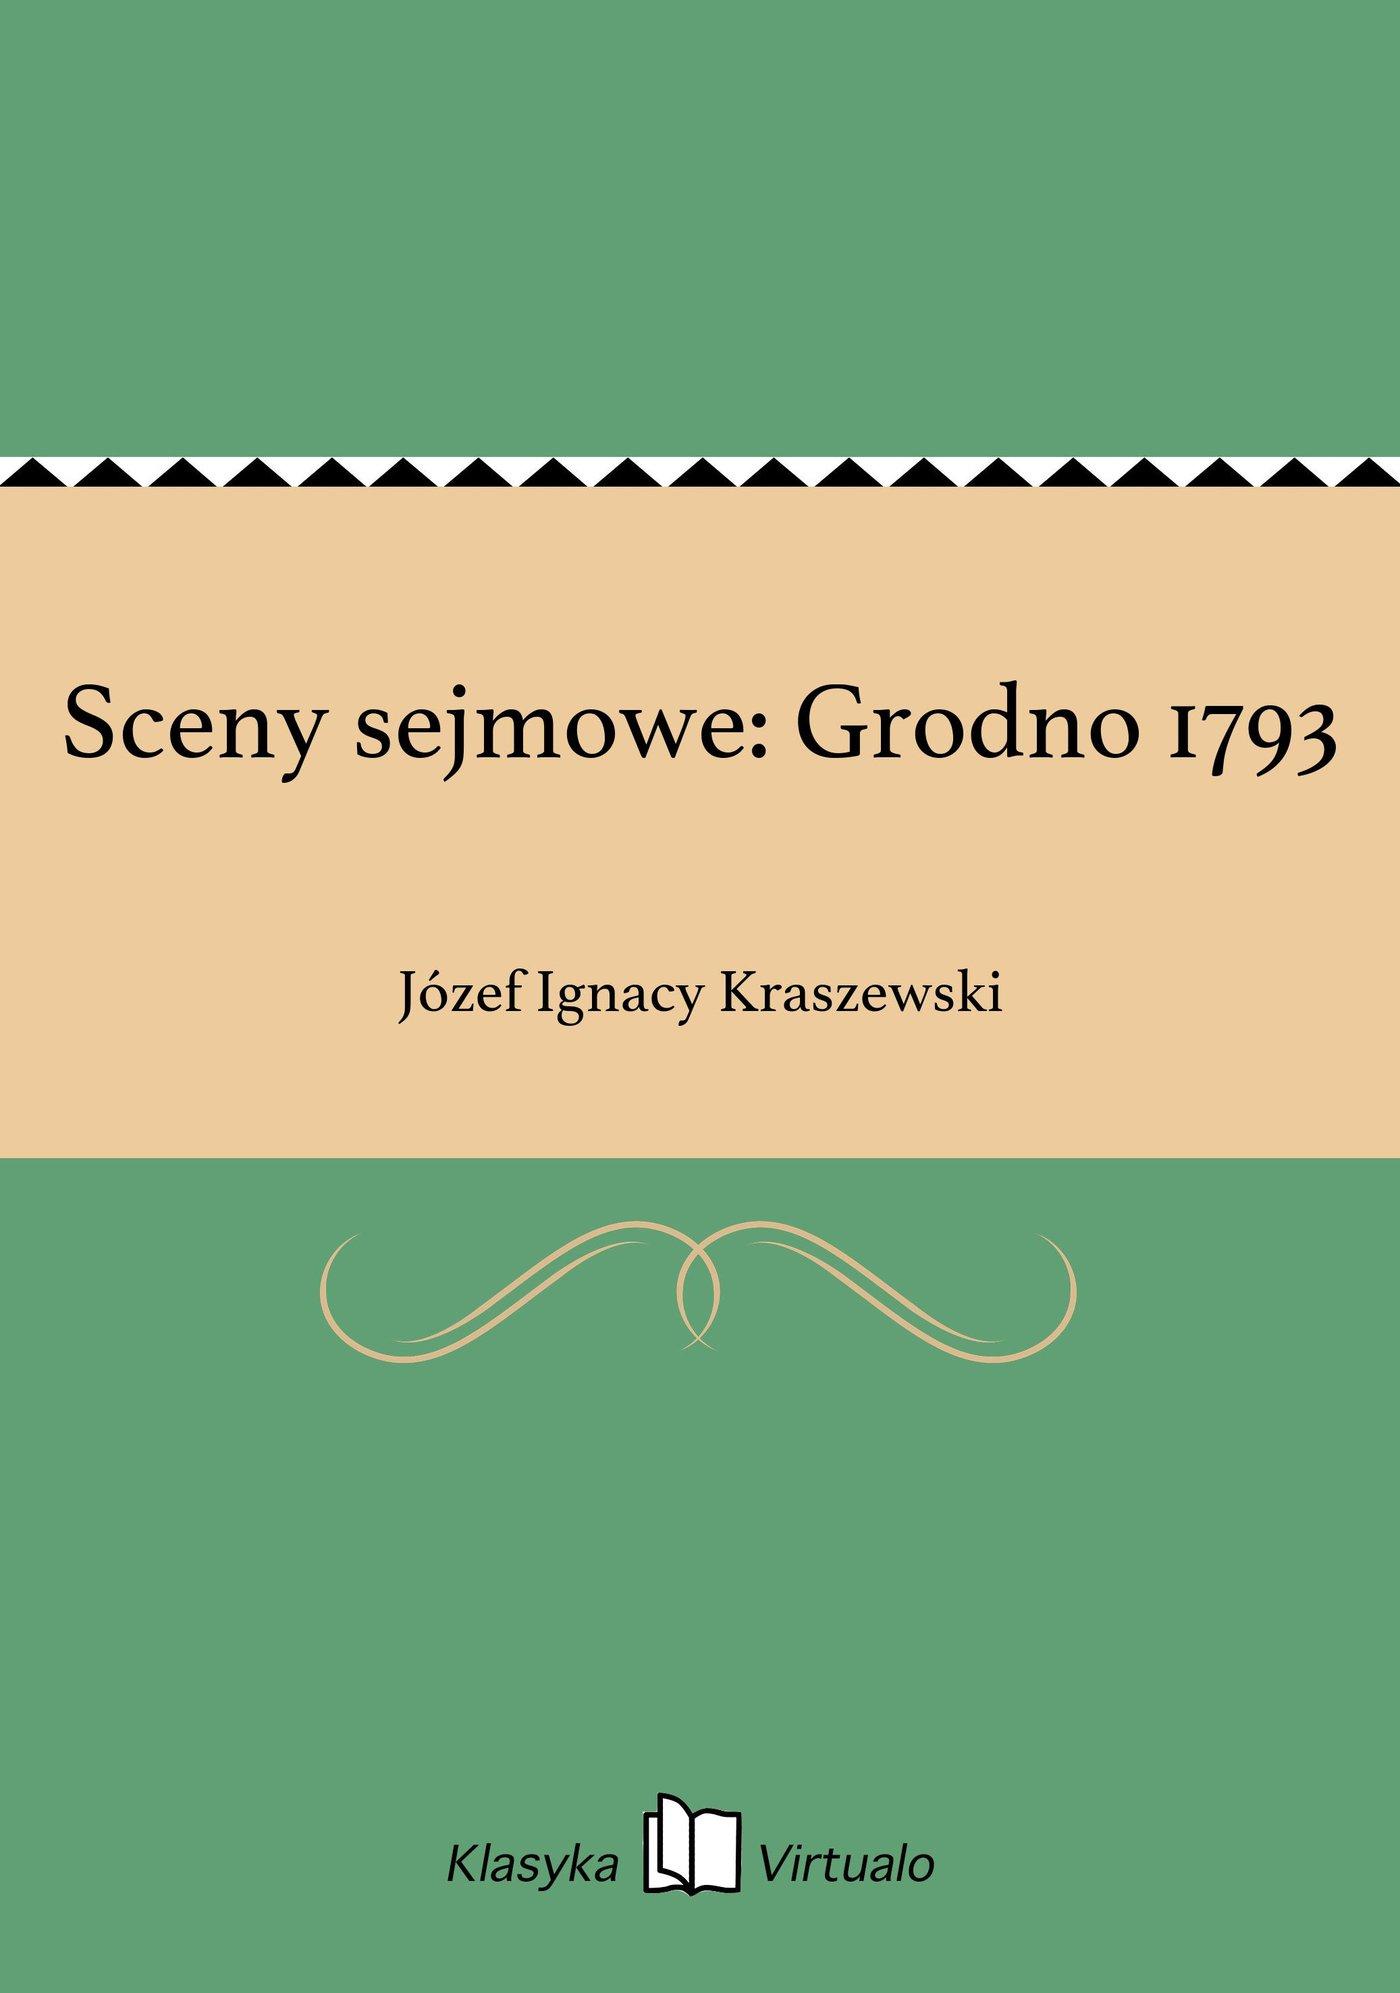 Sceny sejmowe: Grodno 1793 - Ebook (Książka EPUB) do pobrania w formacie EPUB